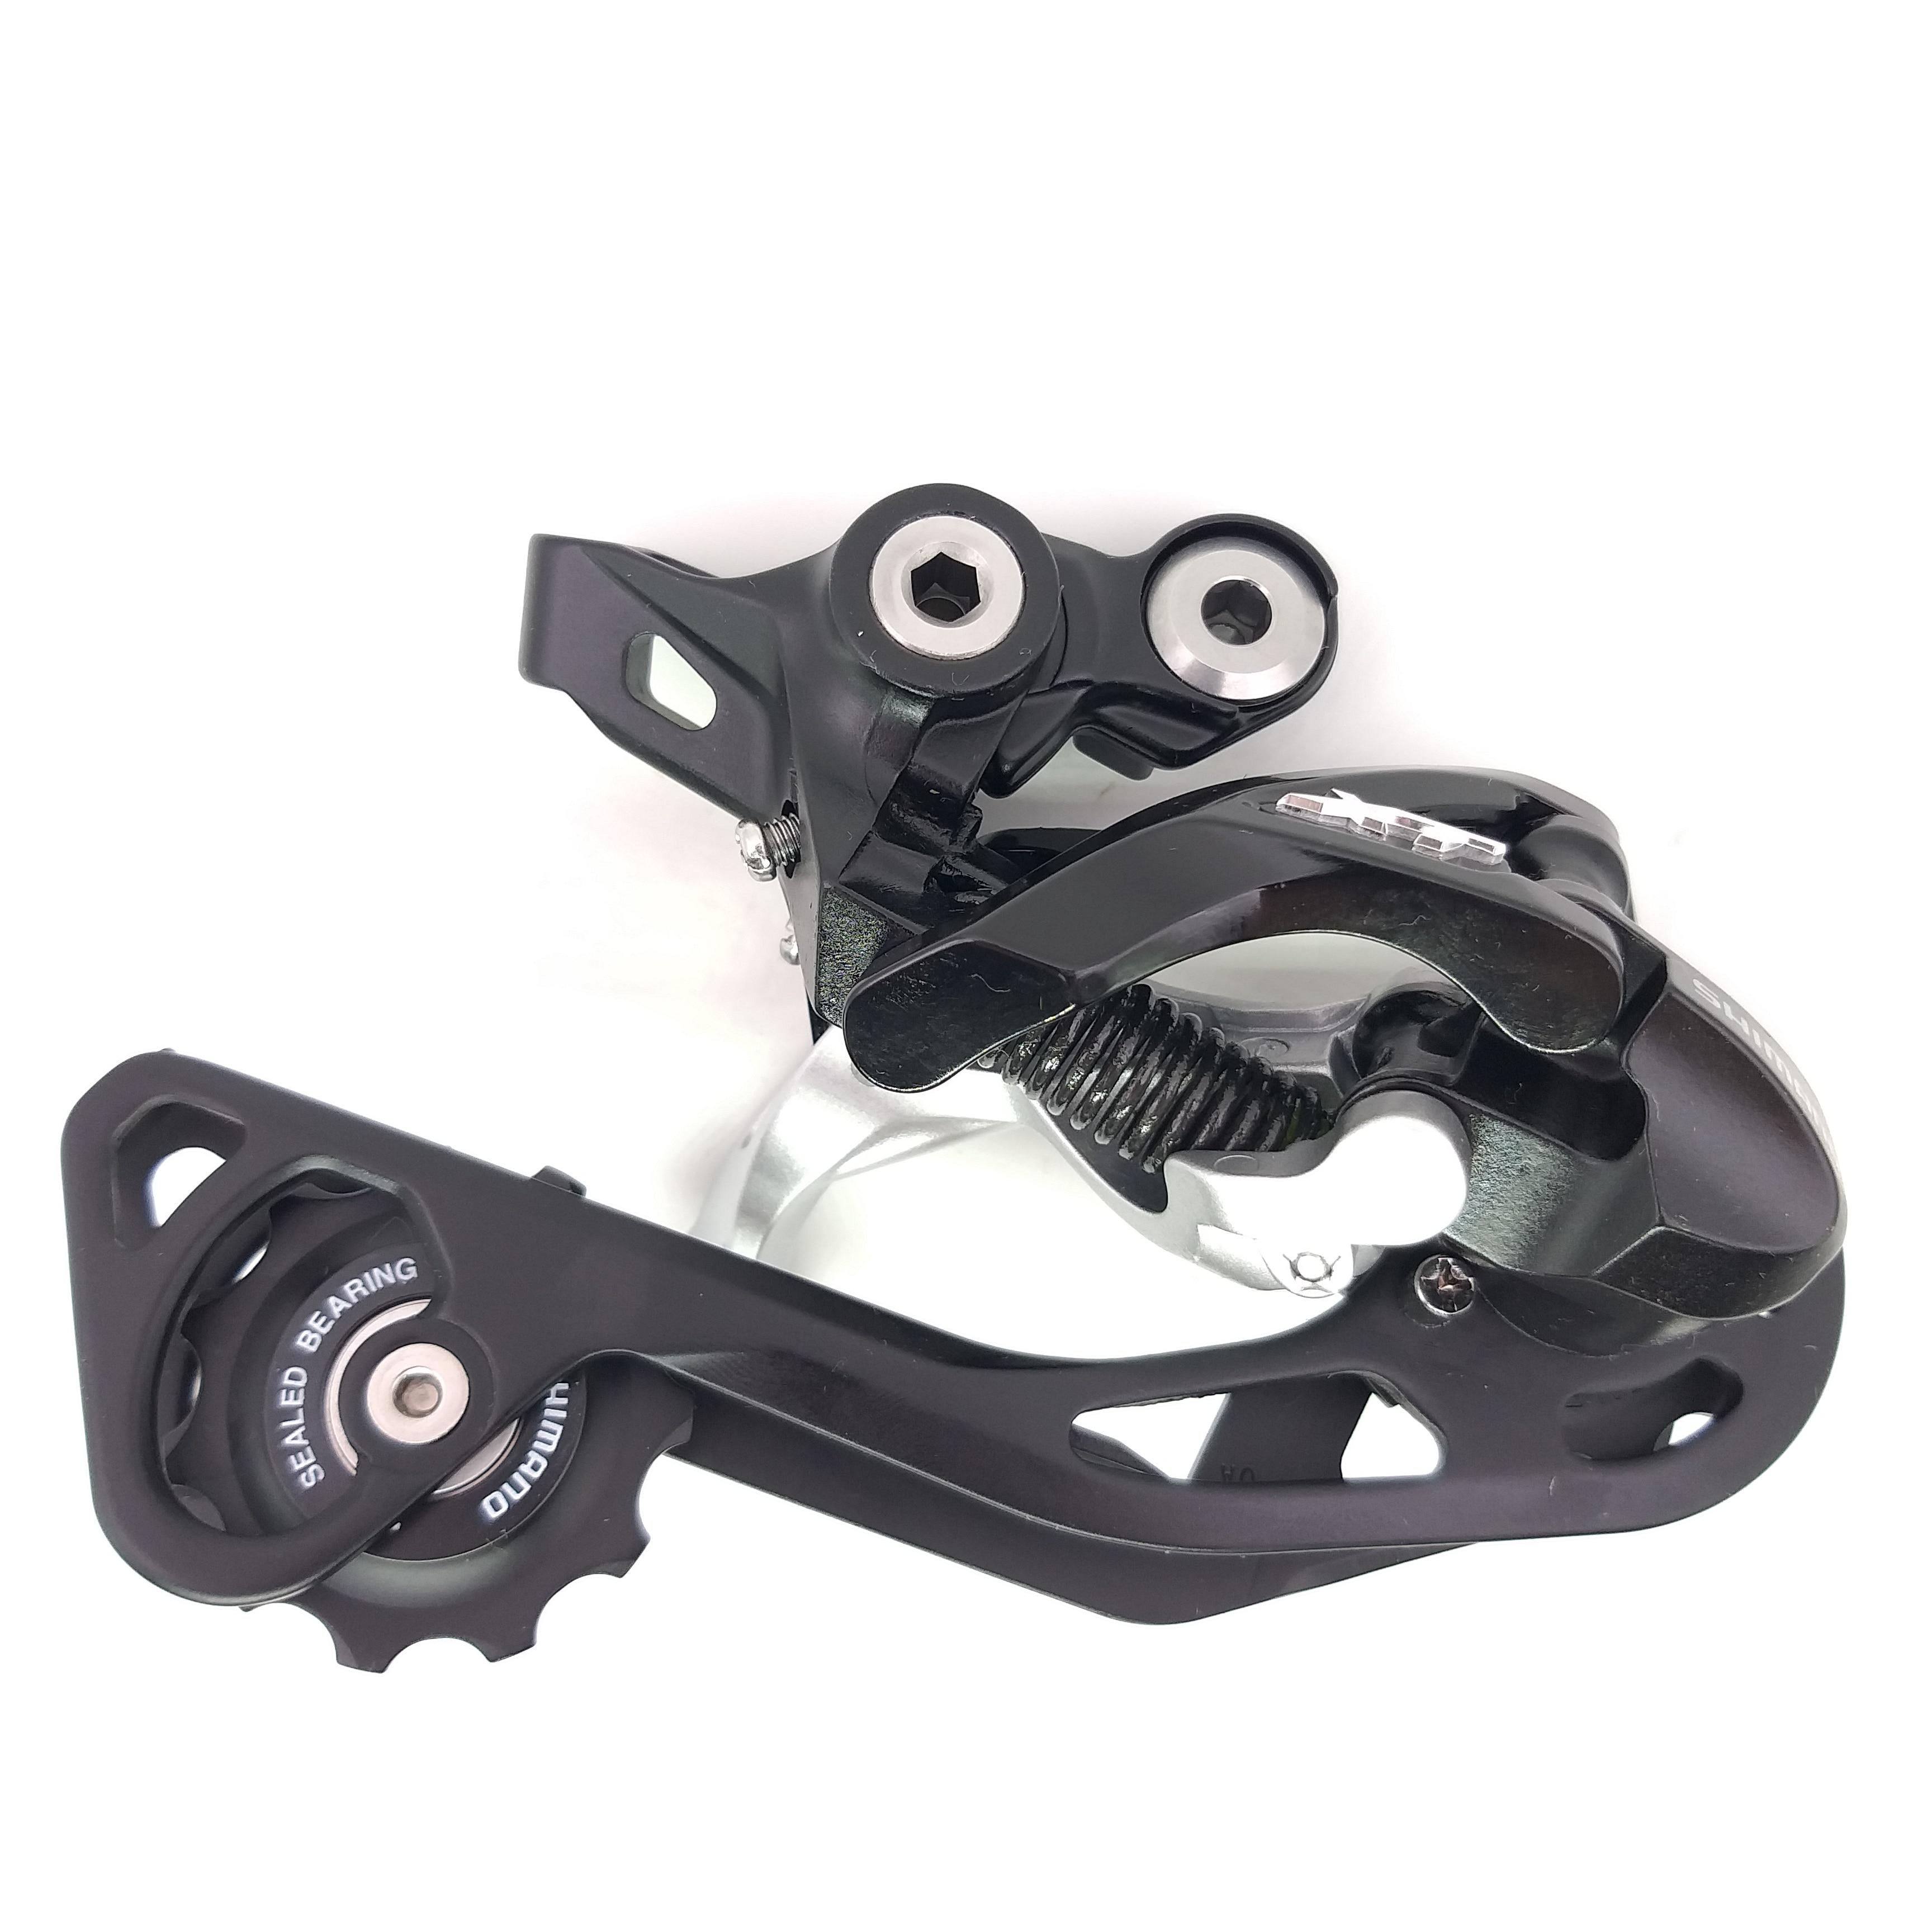 Shimano XT RD-M781 RD-M786 M781 M786 10 vitesses VTT vélo ombre arrière dérailleur noir longue Cage